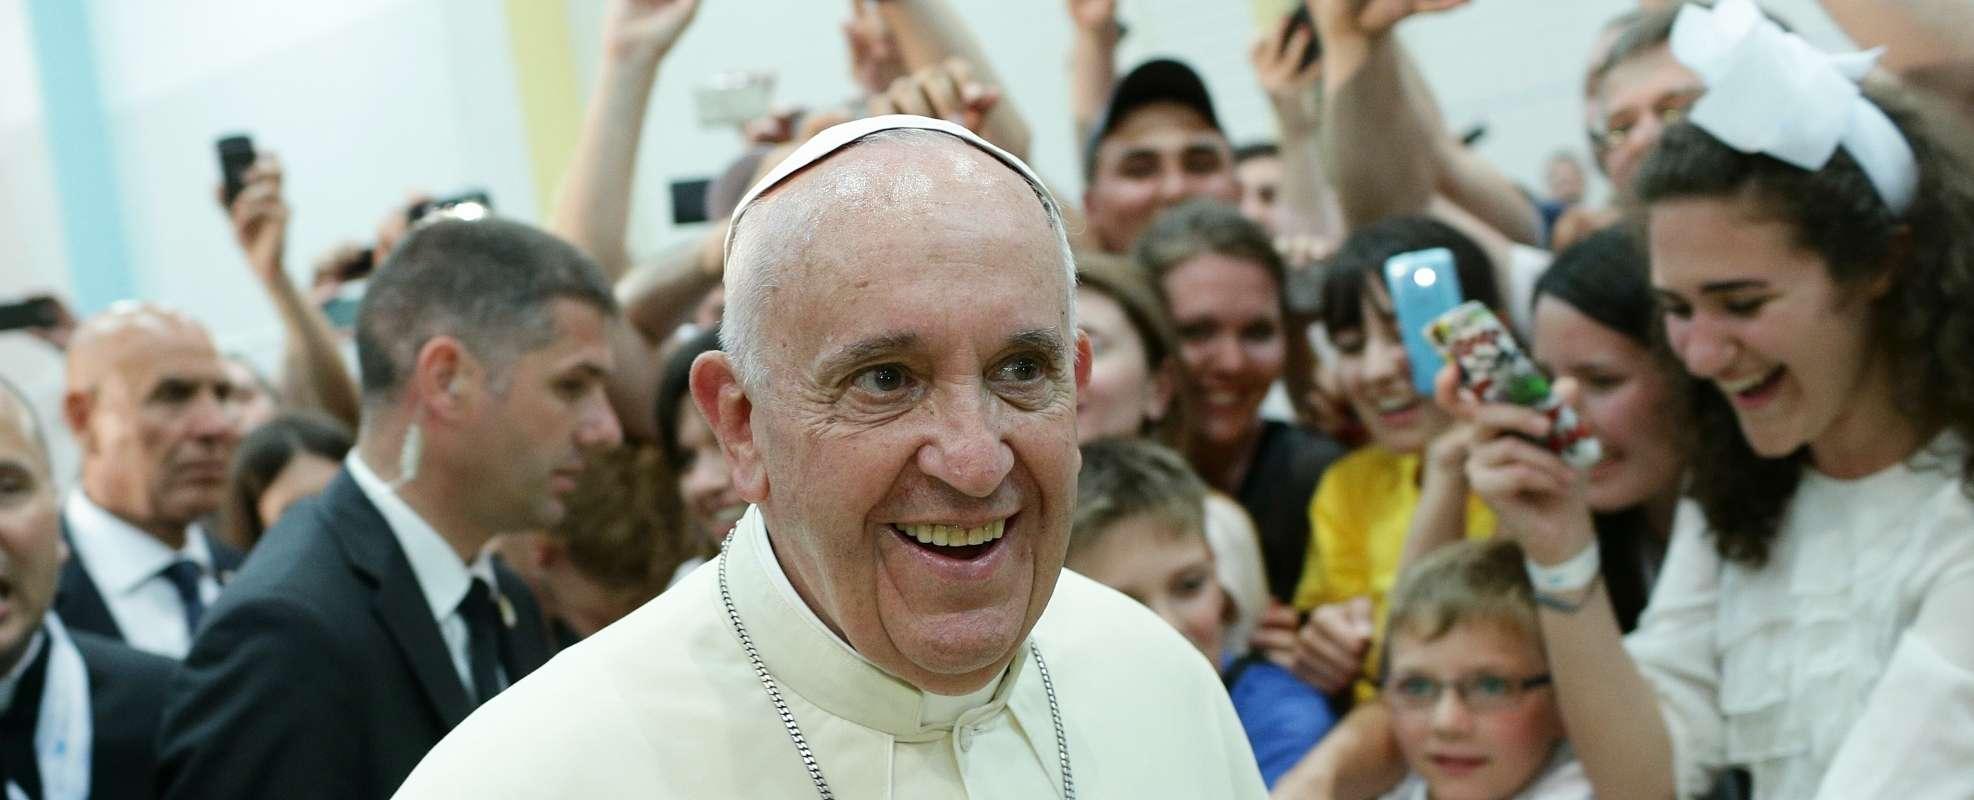 TURNEJA PO JUŽNOJ AMERICI Papa u Paragvaju pozvao na konsolidiranje demokracije